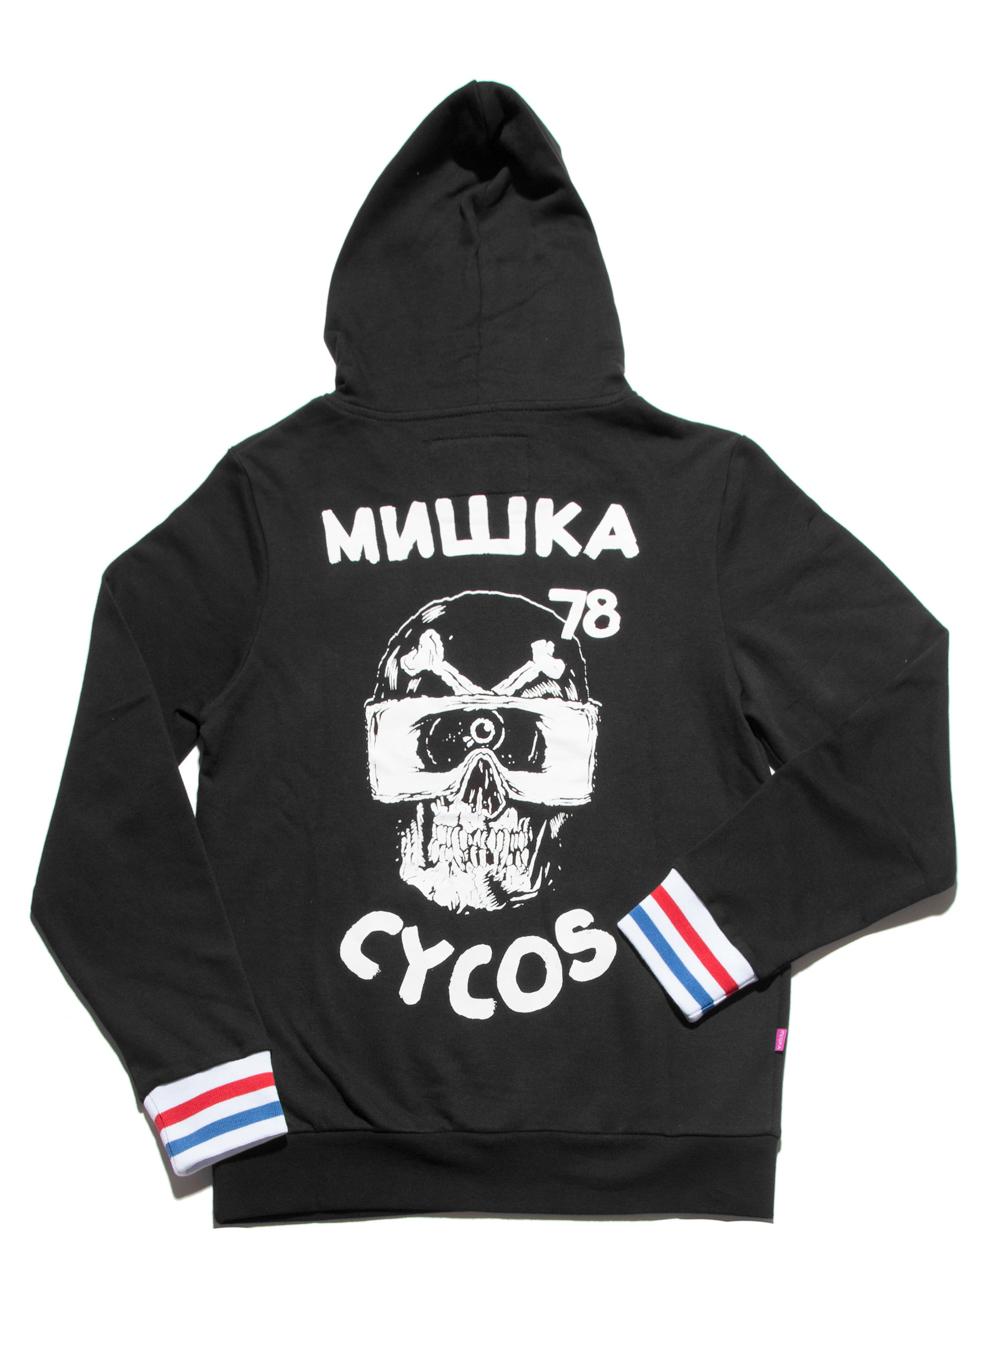 Cyco Mania Pullover